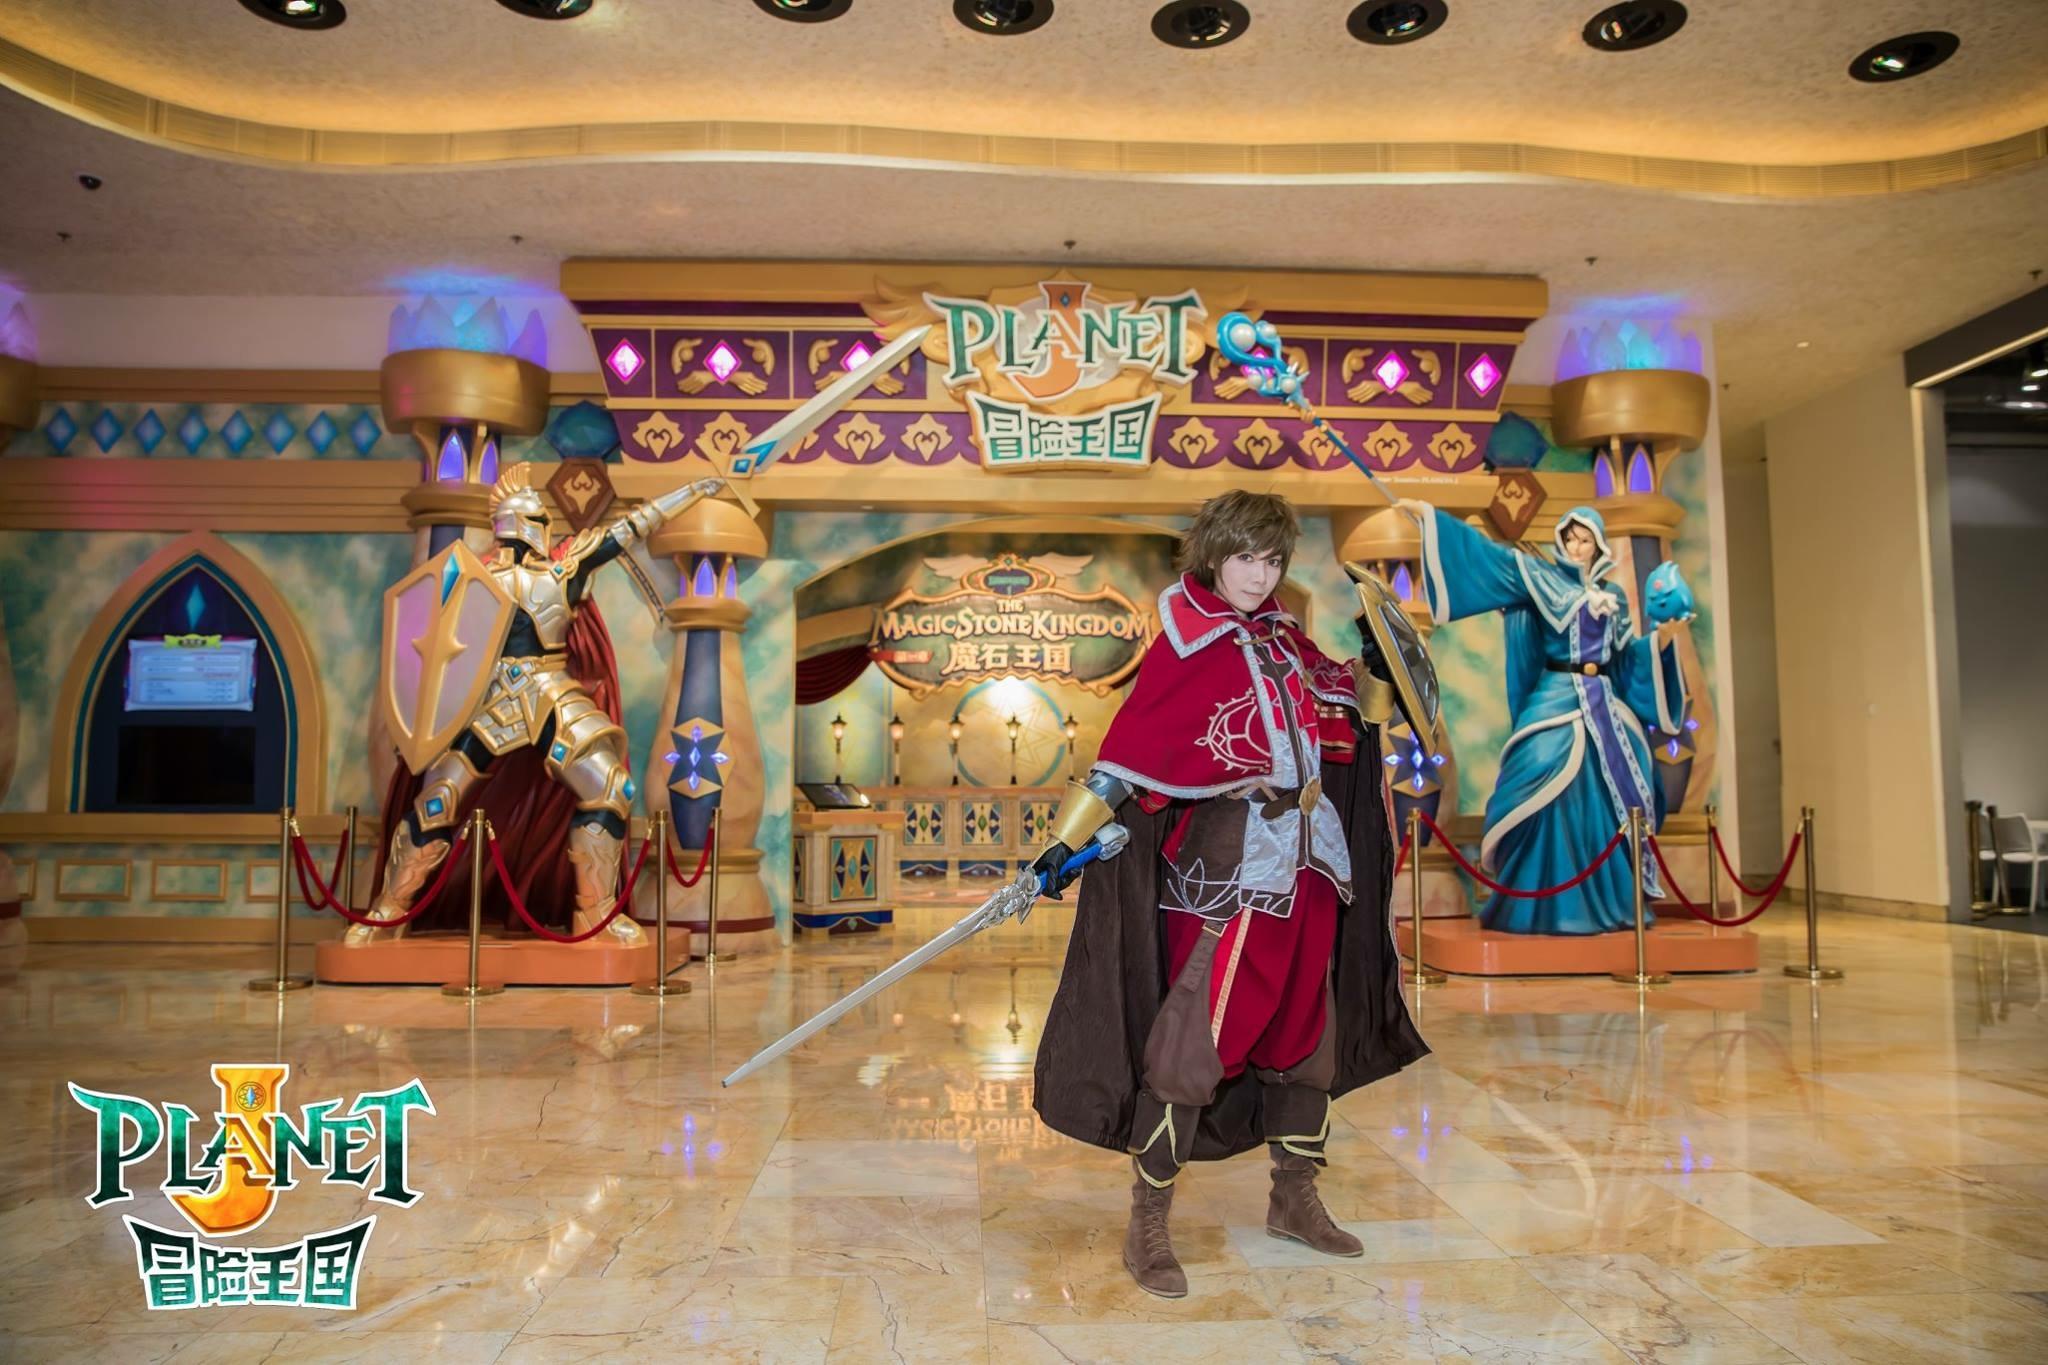 澳门Planet J冒险王国主题乐园门票